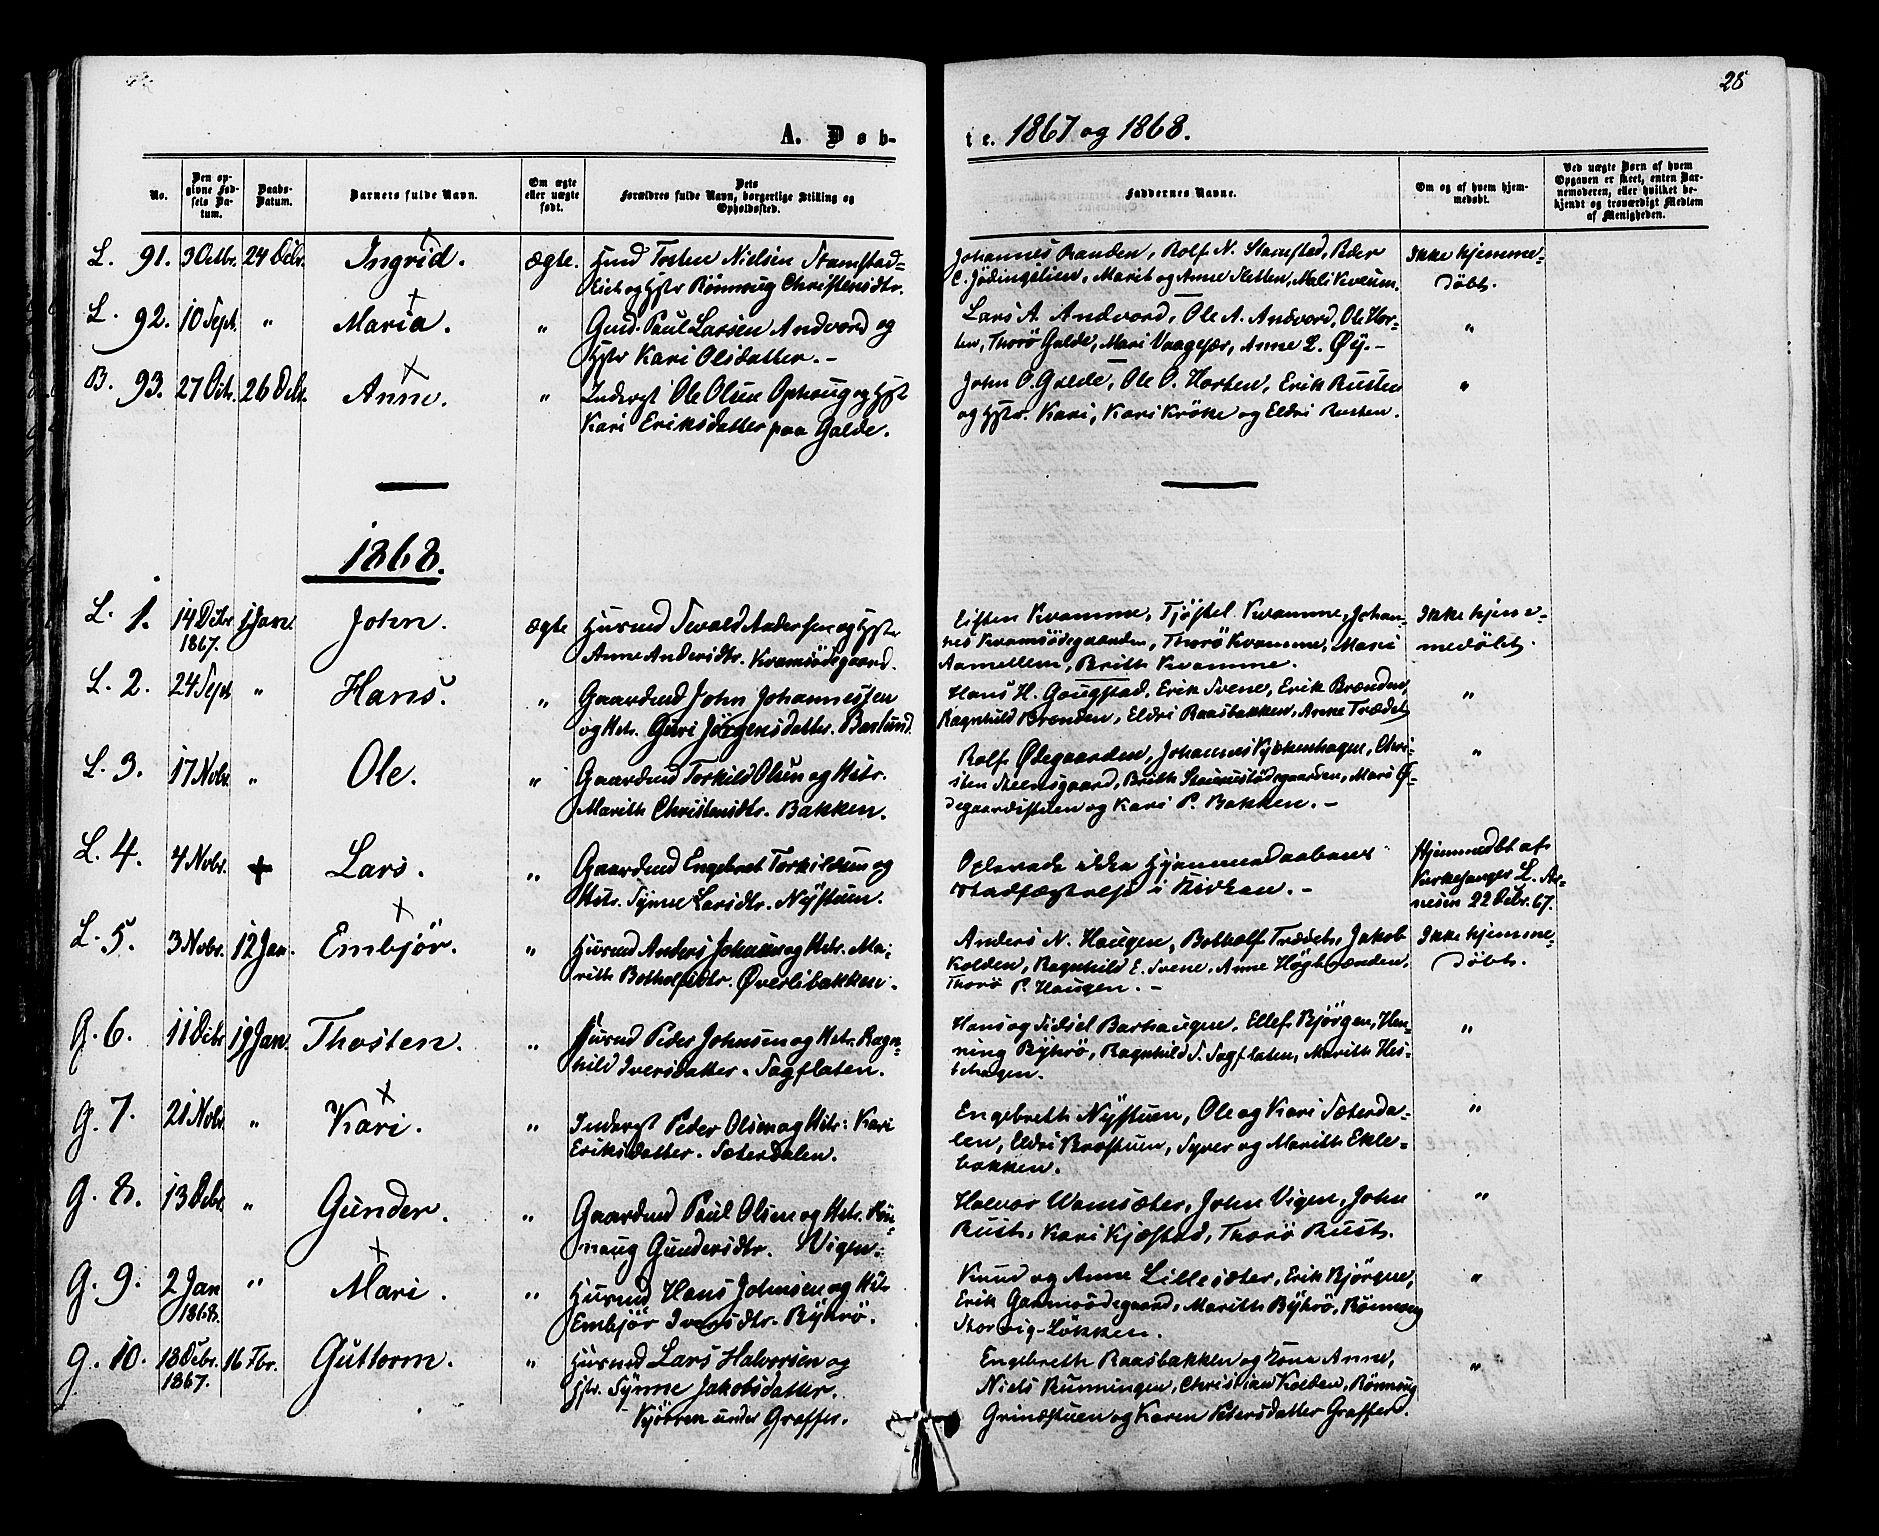 SAH, Lom prestekontor, K/L0007: Ministerialbok nr. 7, 1863-1884, s. 28